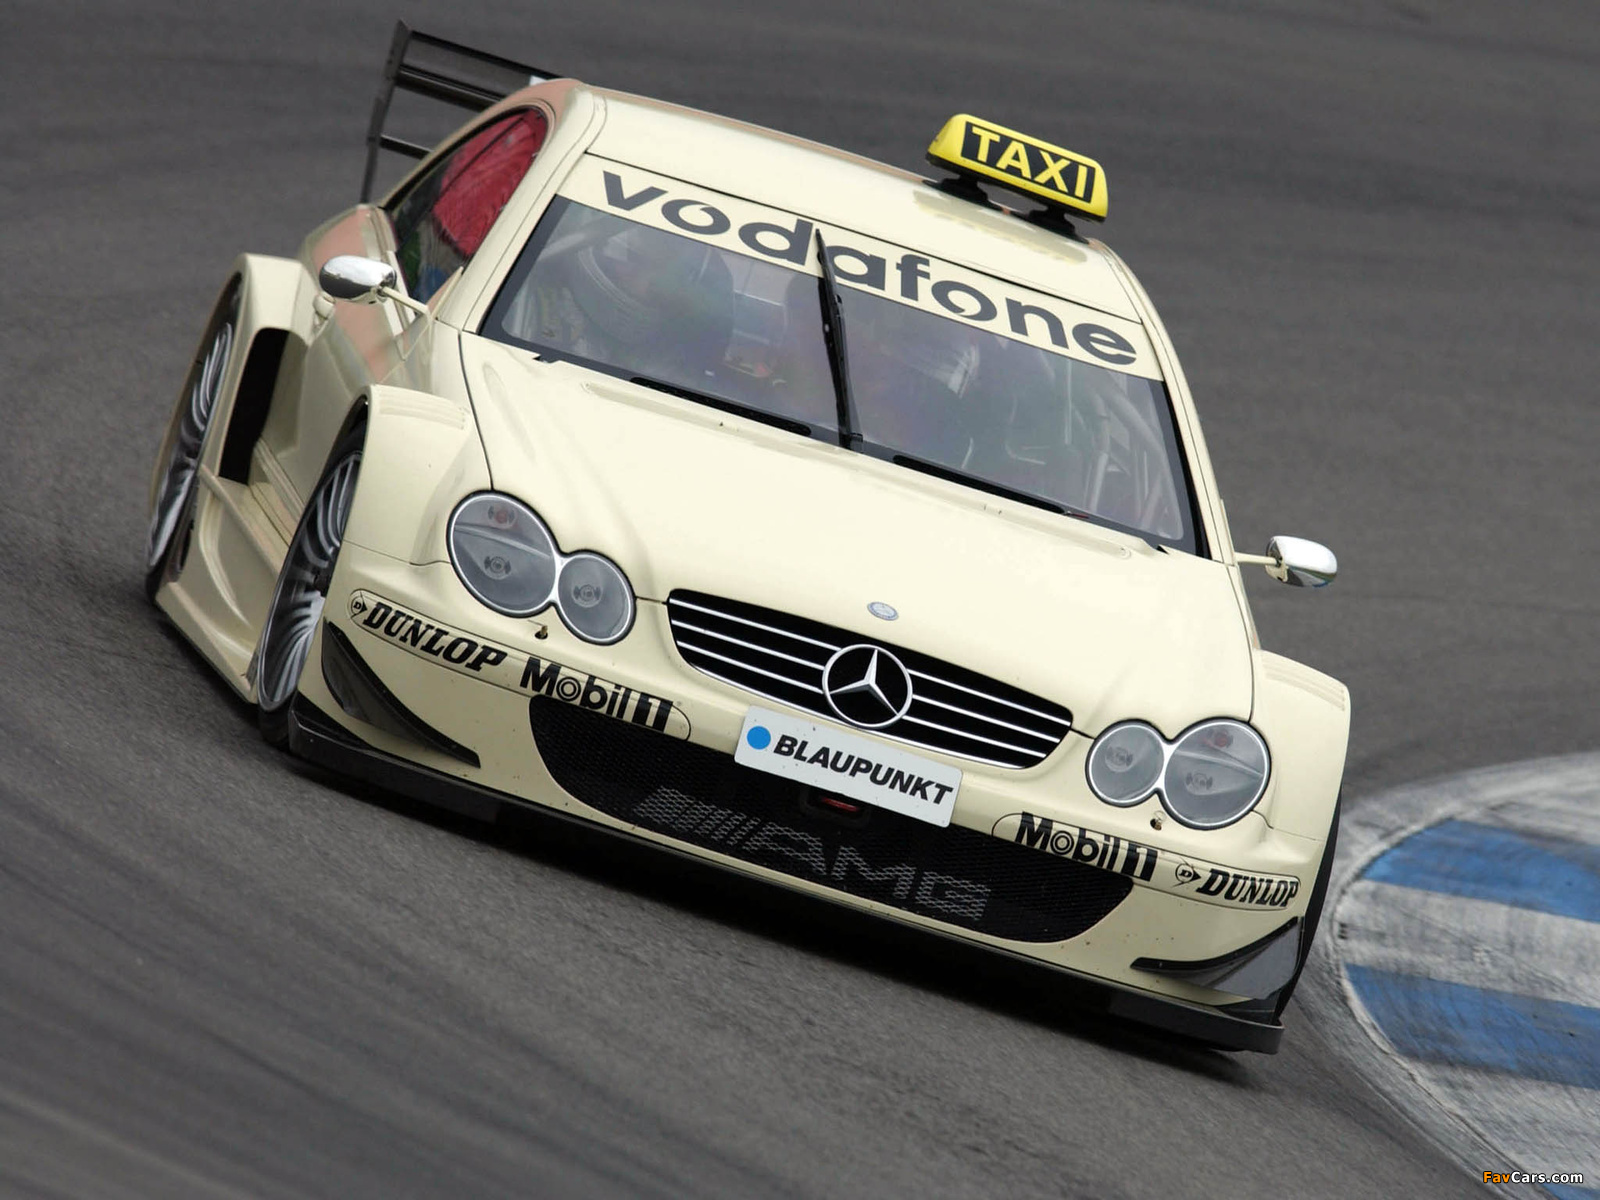 Mercedes-Benz CLK 55 AMG DTM (C209) 2003 wallpapers (1600 x 1200)